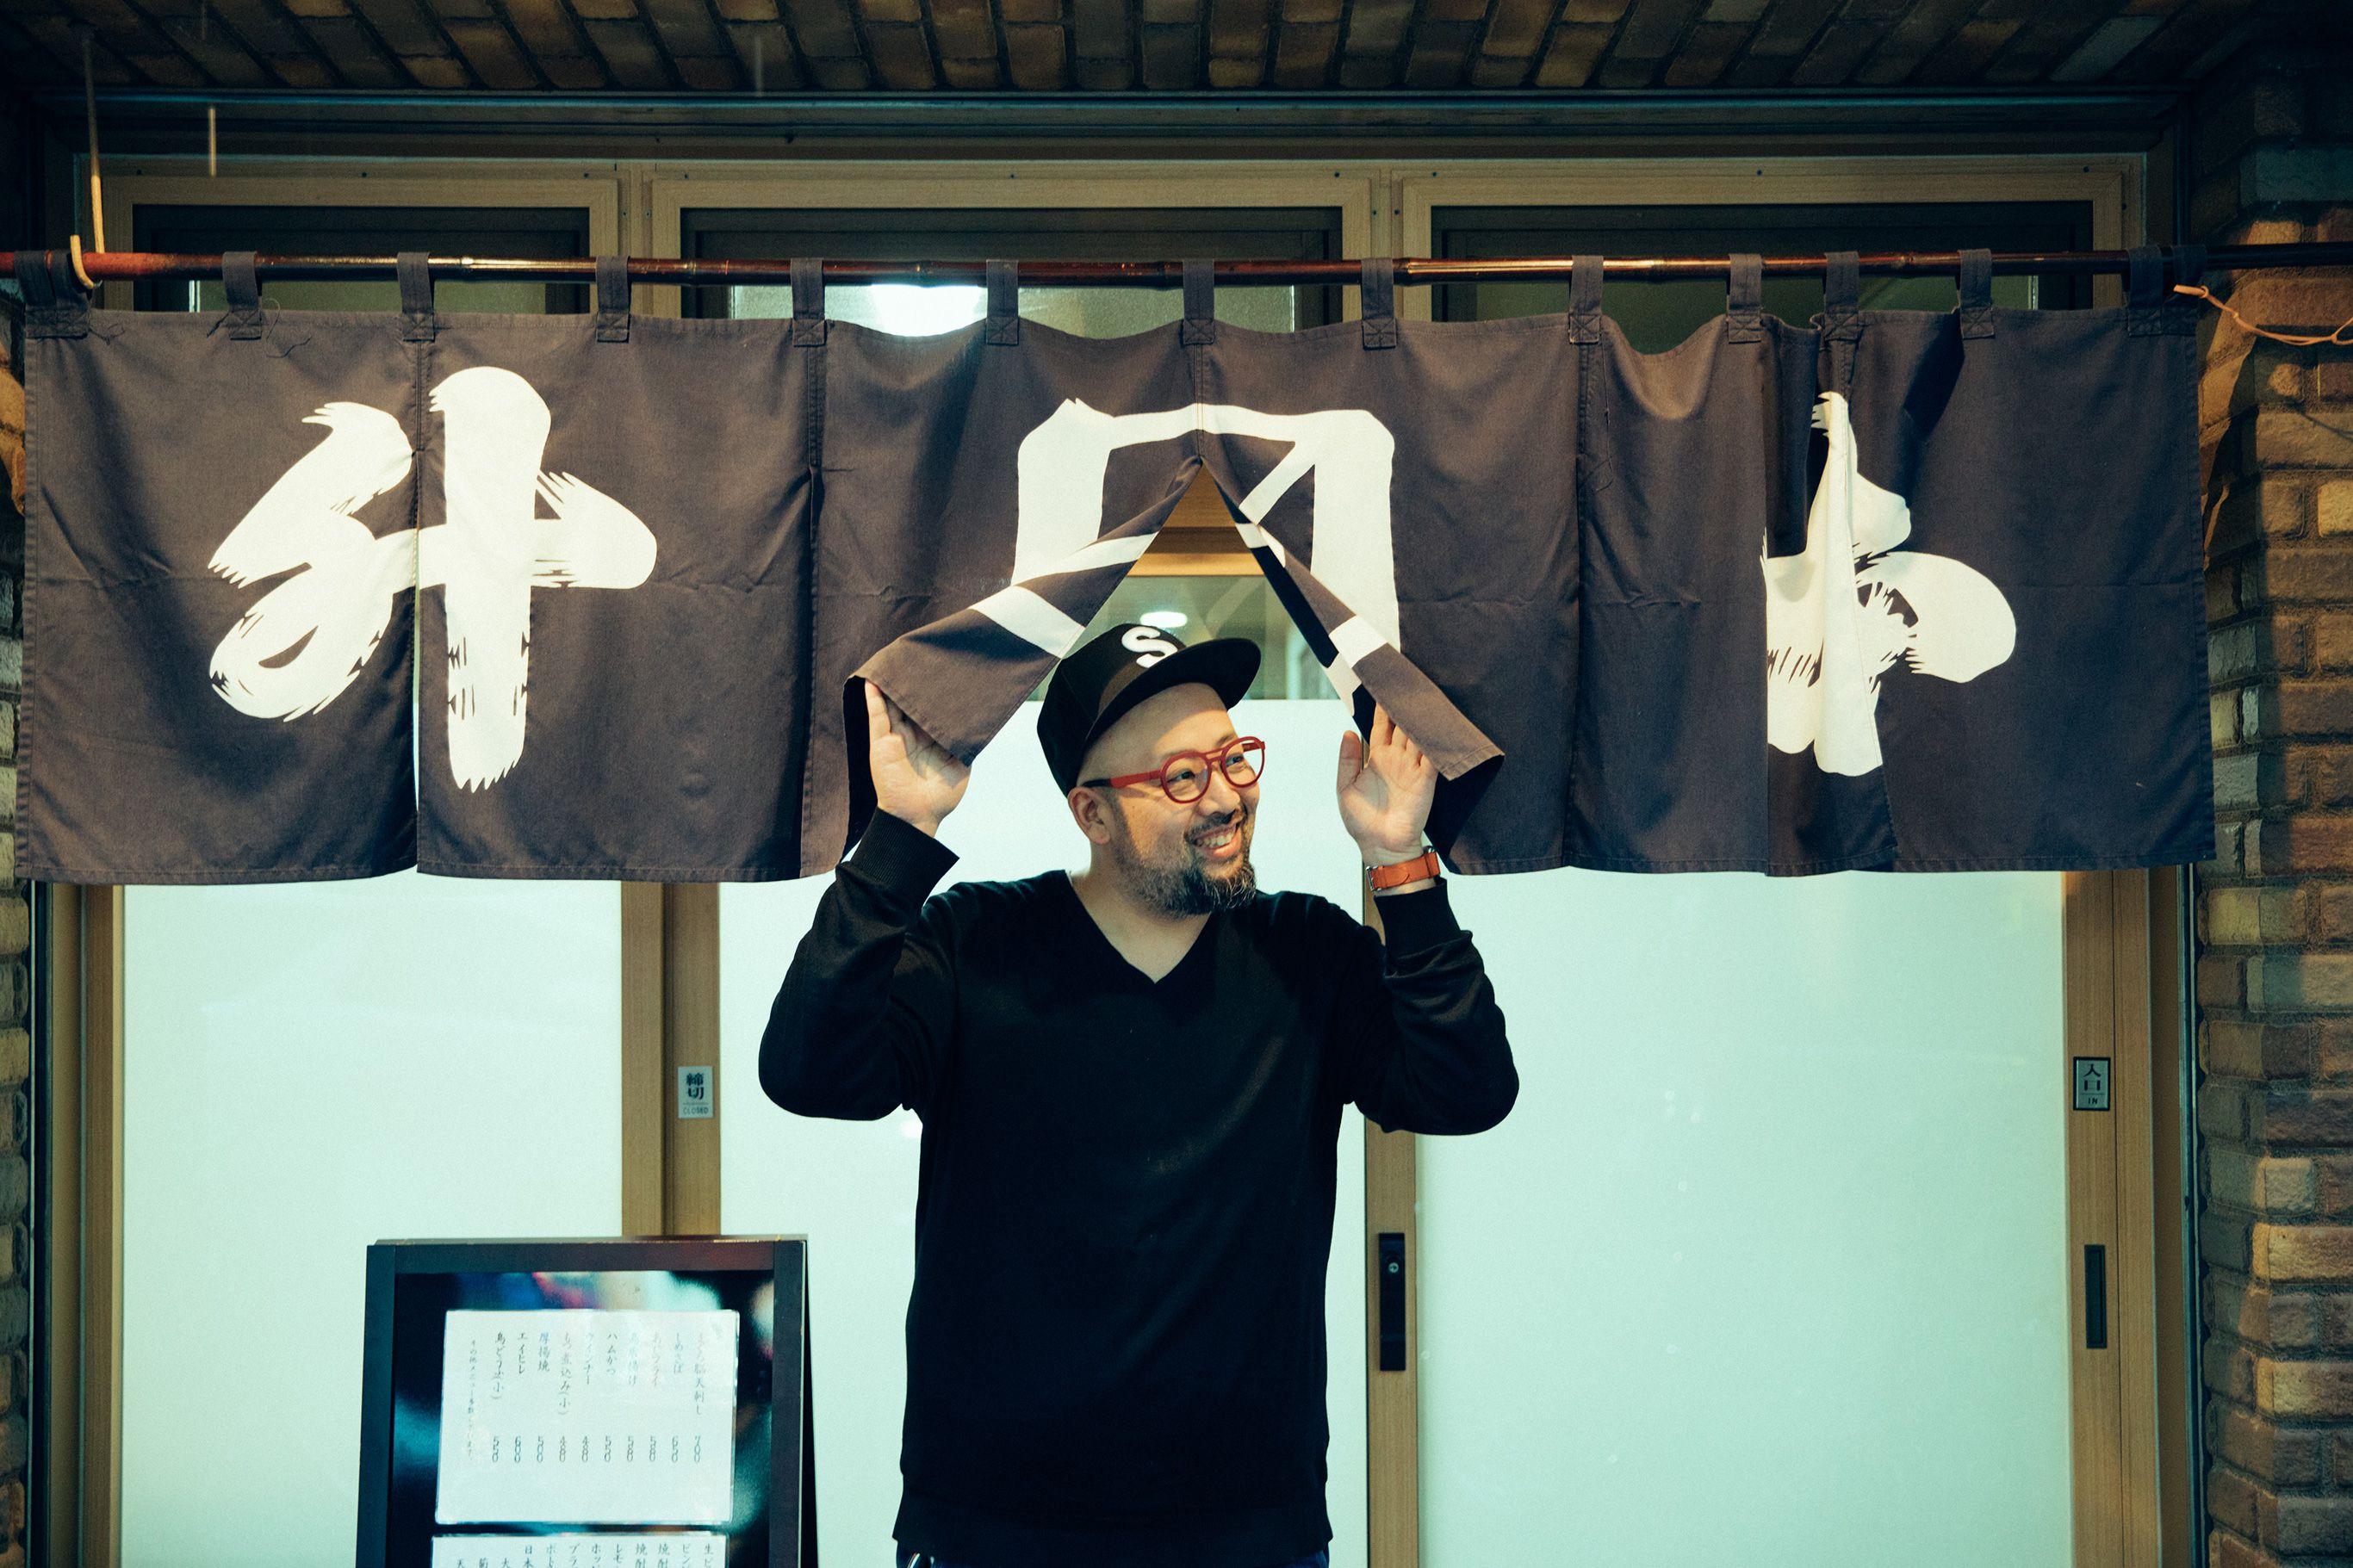 銀座 松崎煎餅8代目店主の松崎宗平